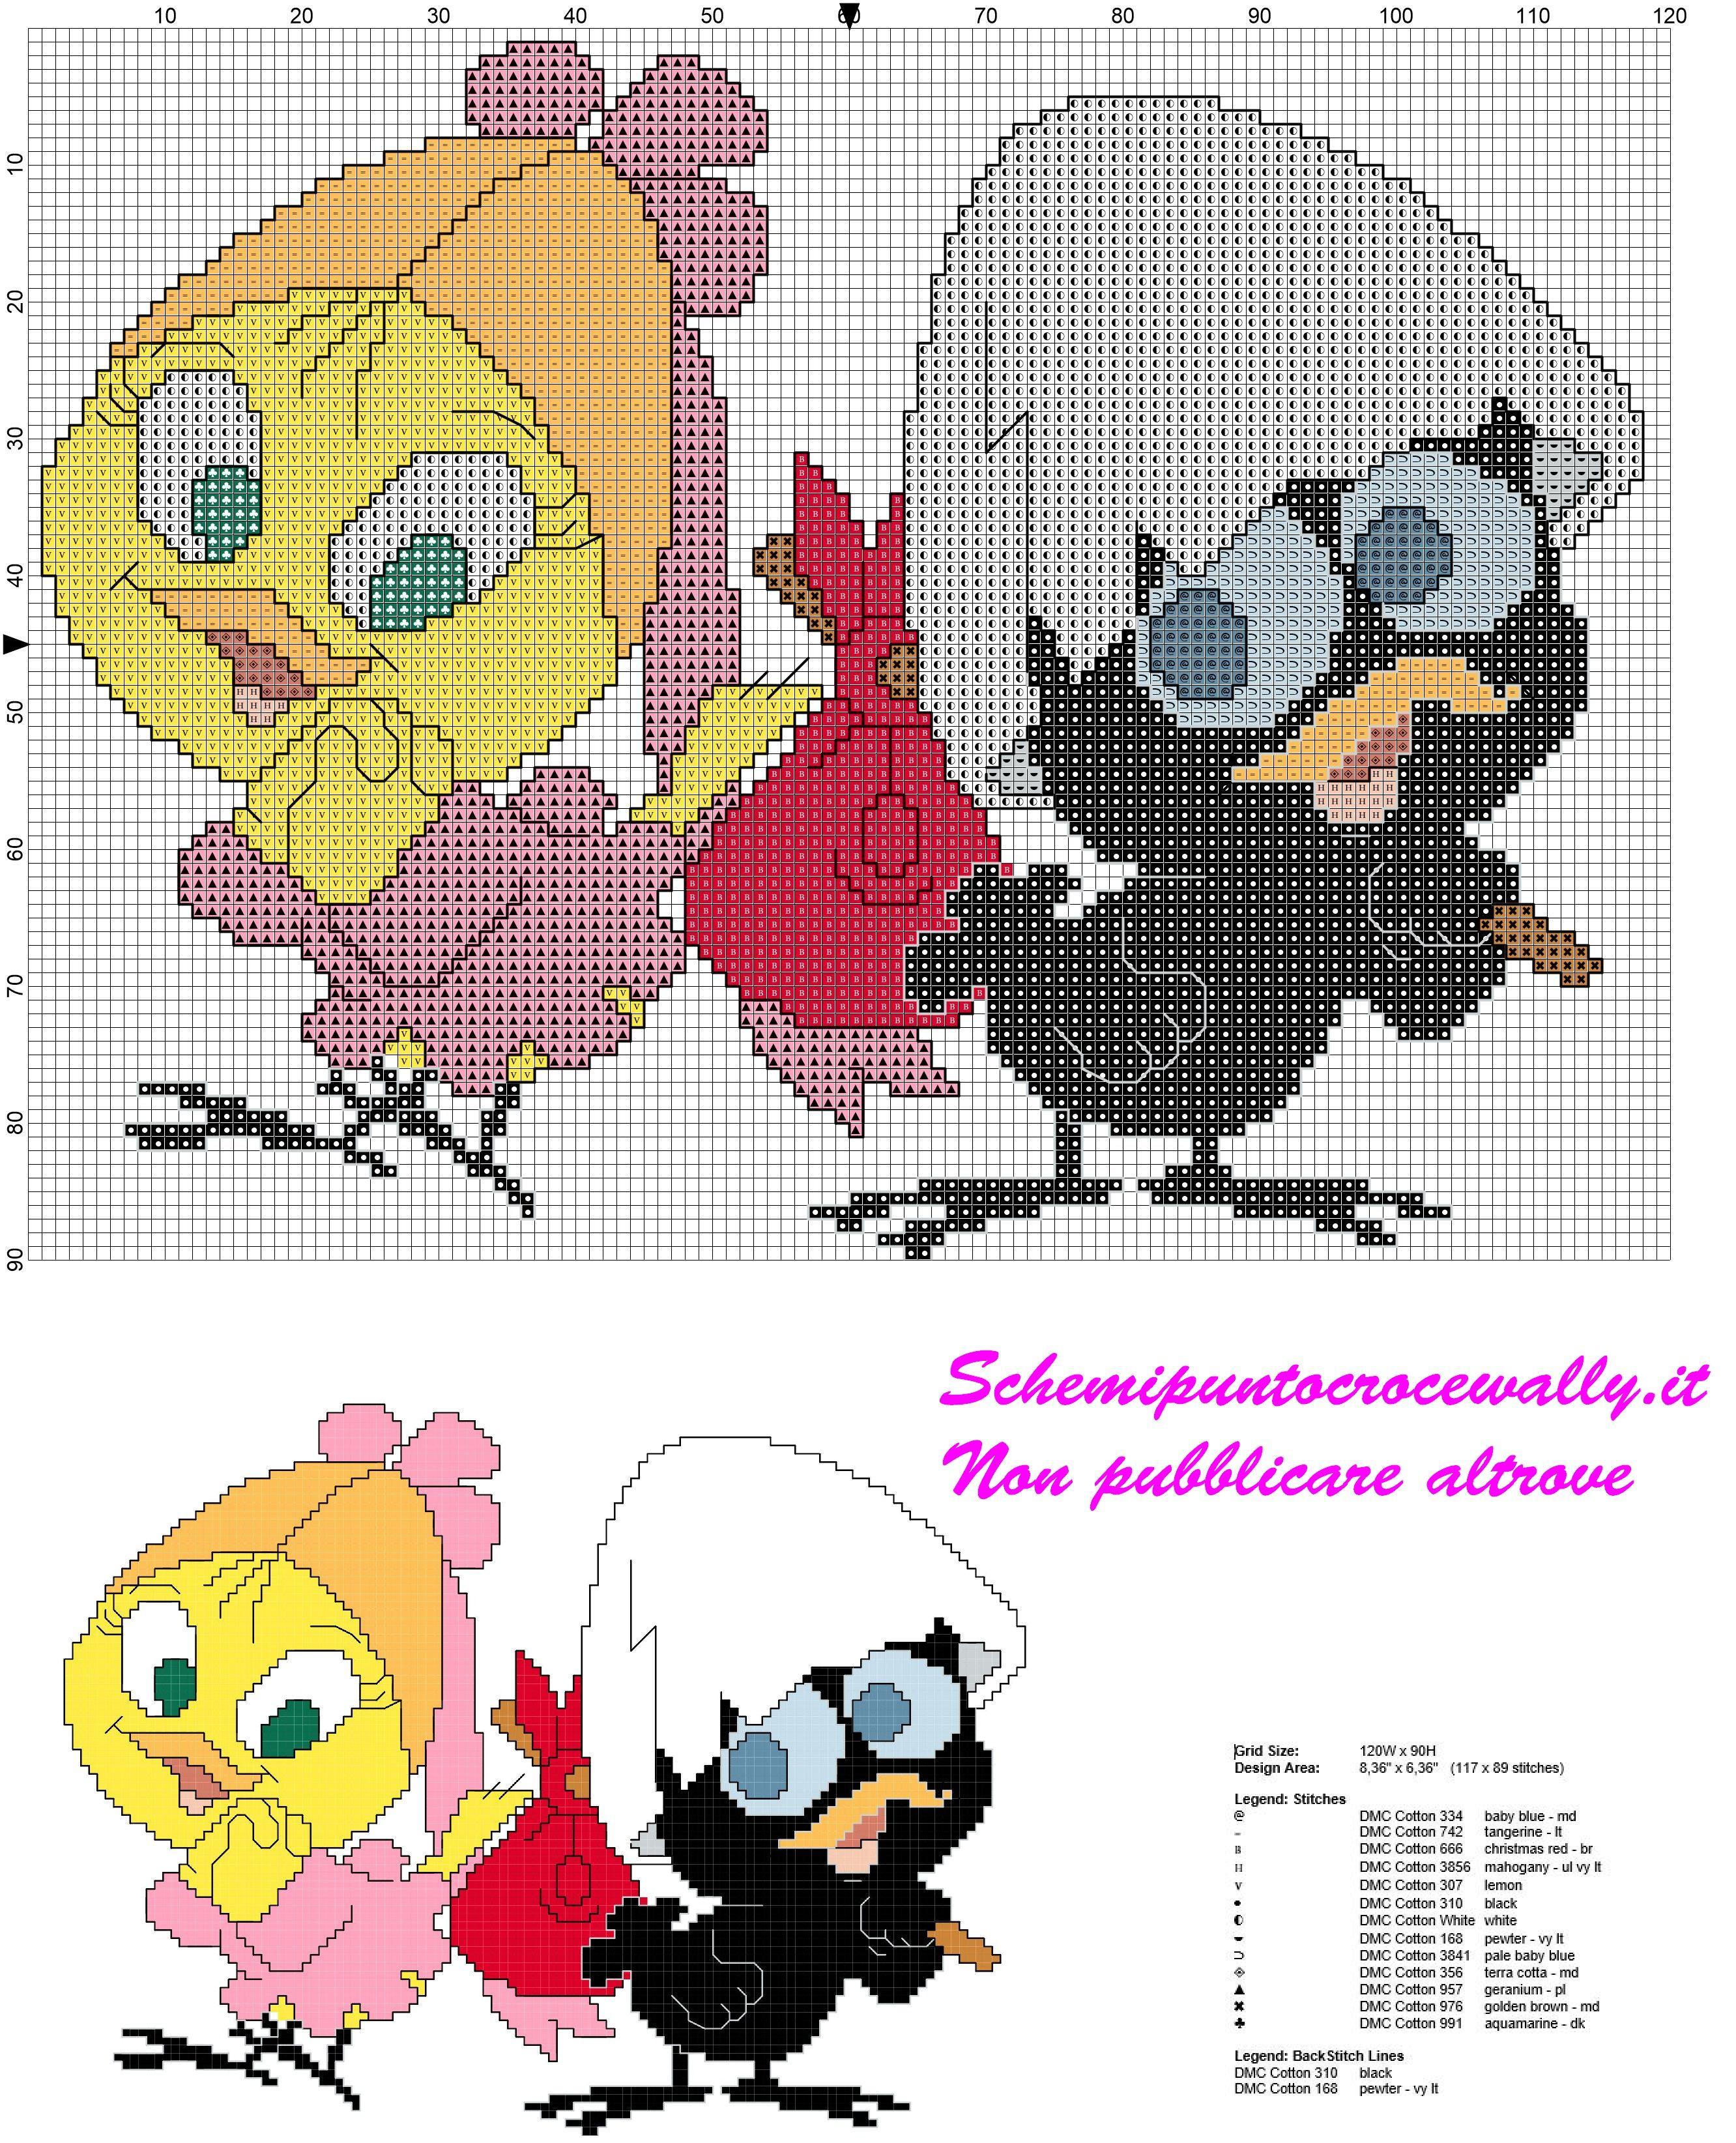 Schema punto croce gratis calimero e priscilla per bambini for Farfalle a punto croce per bambini